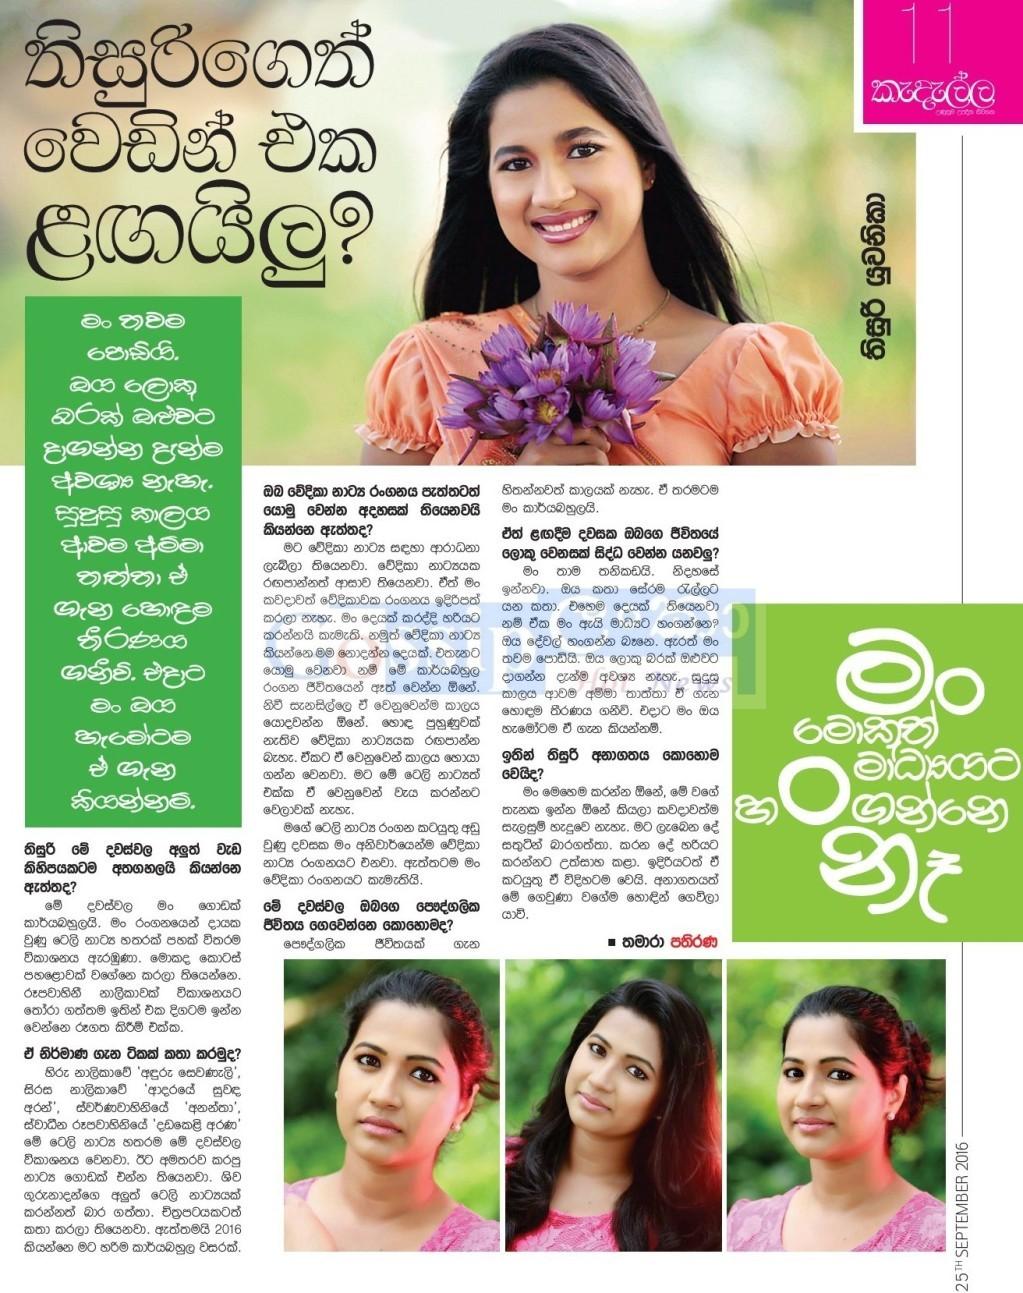 Gossip Lanka Gossip Chat With Thisuri Yuwanika